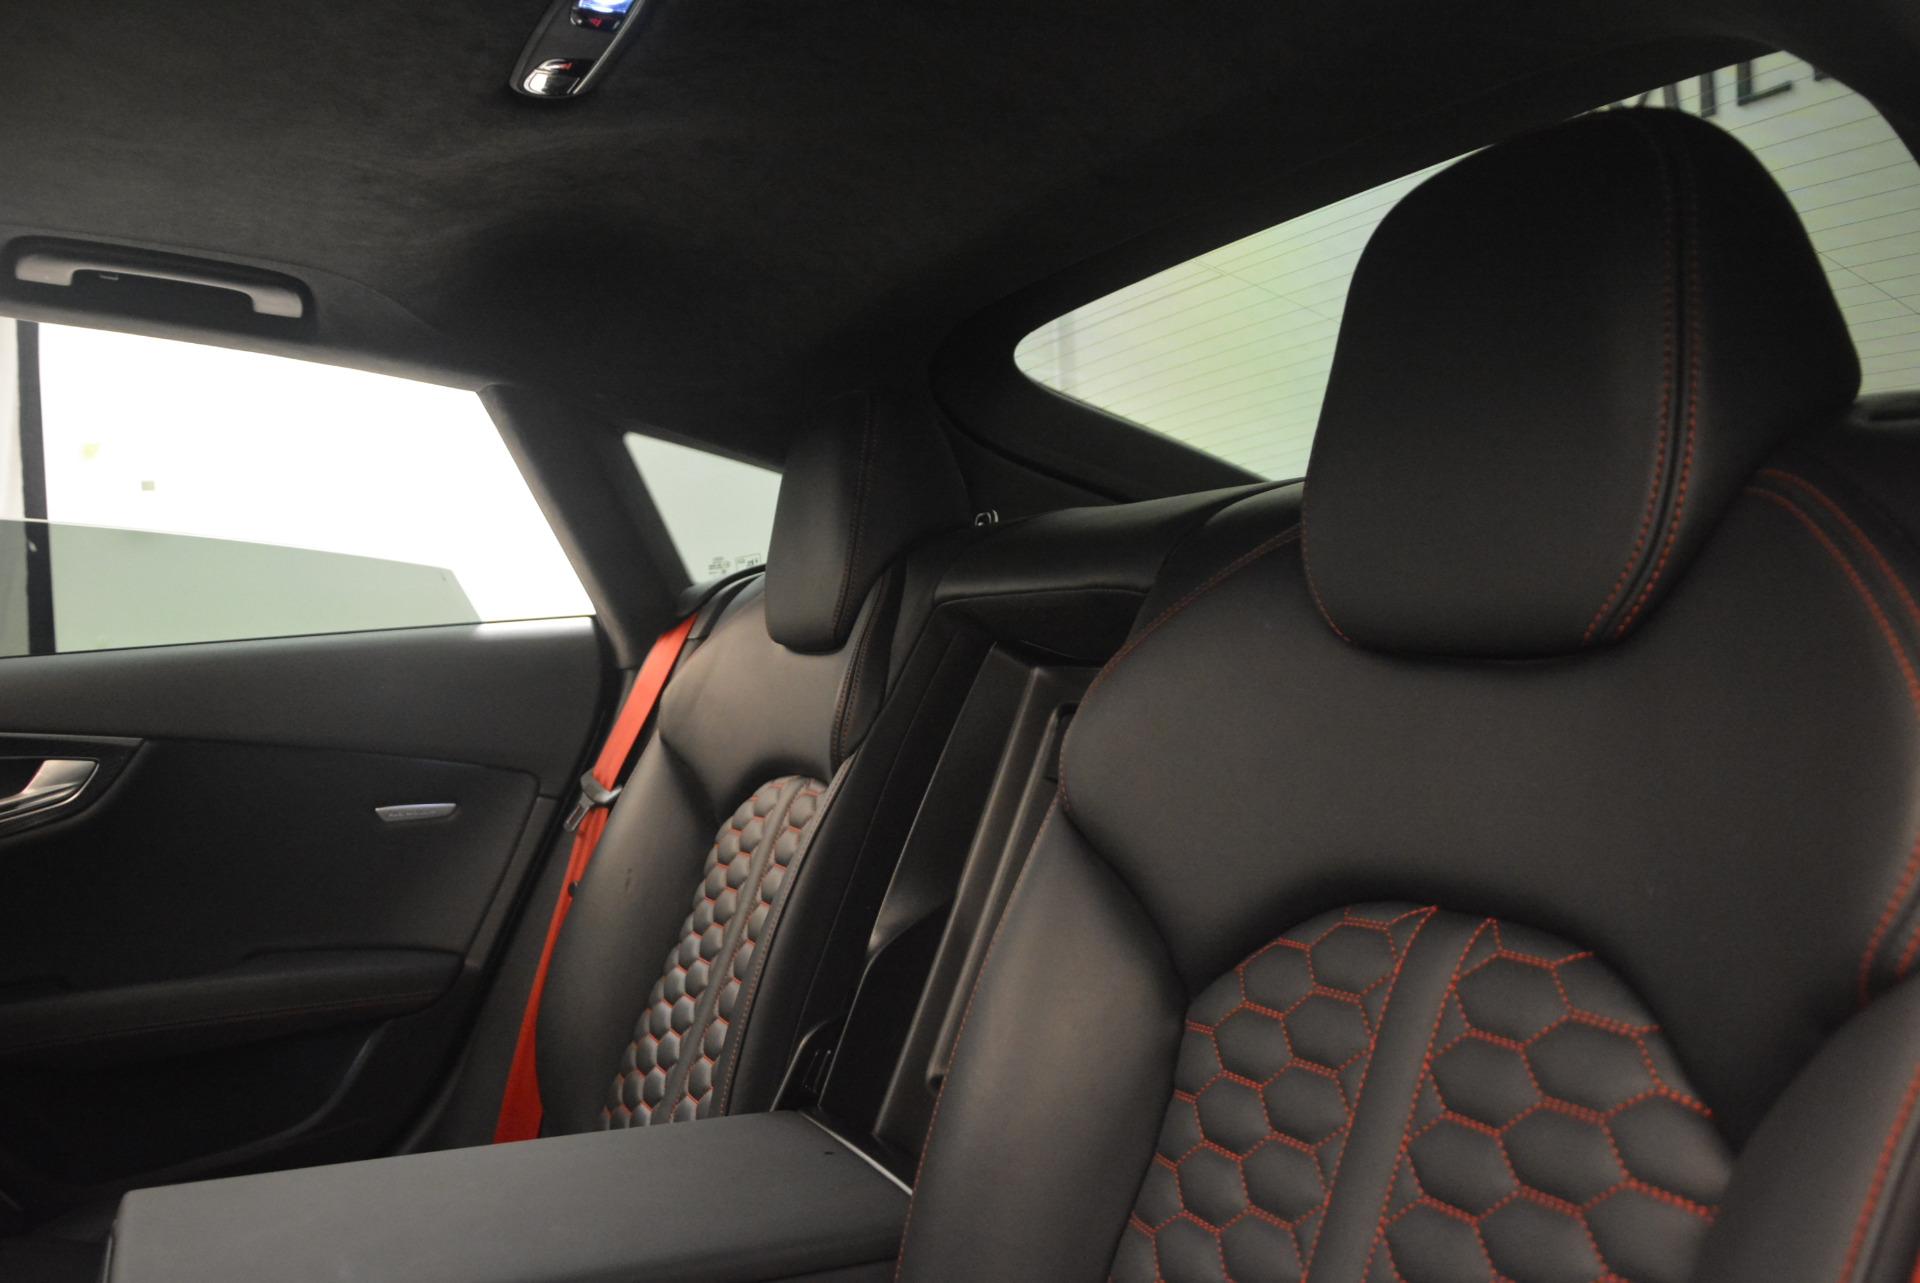 Used 2014 Audi RS 7 4.0T quattro Prestige For Sale In Westport, CT 1262_p34